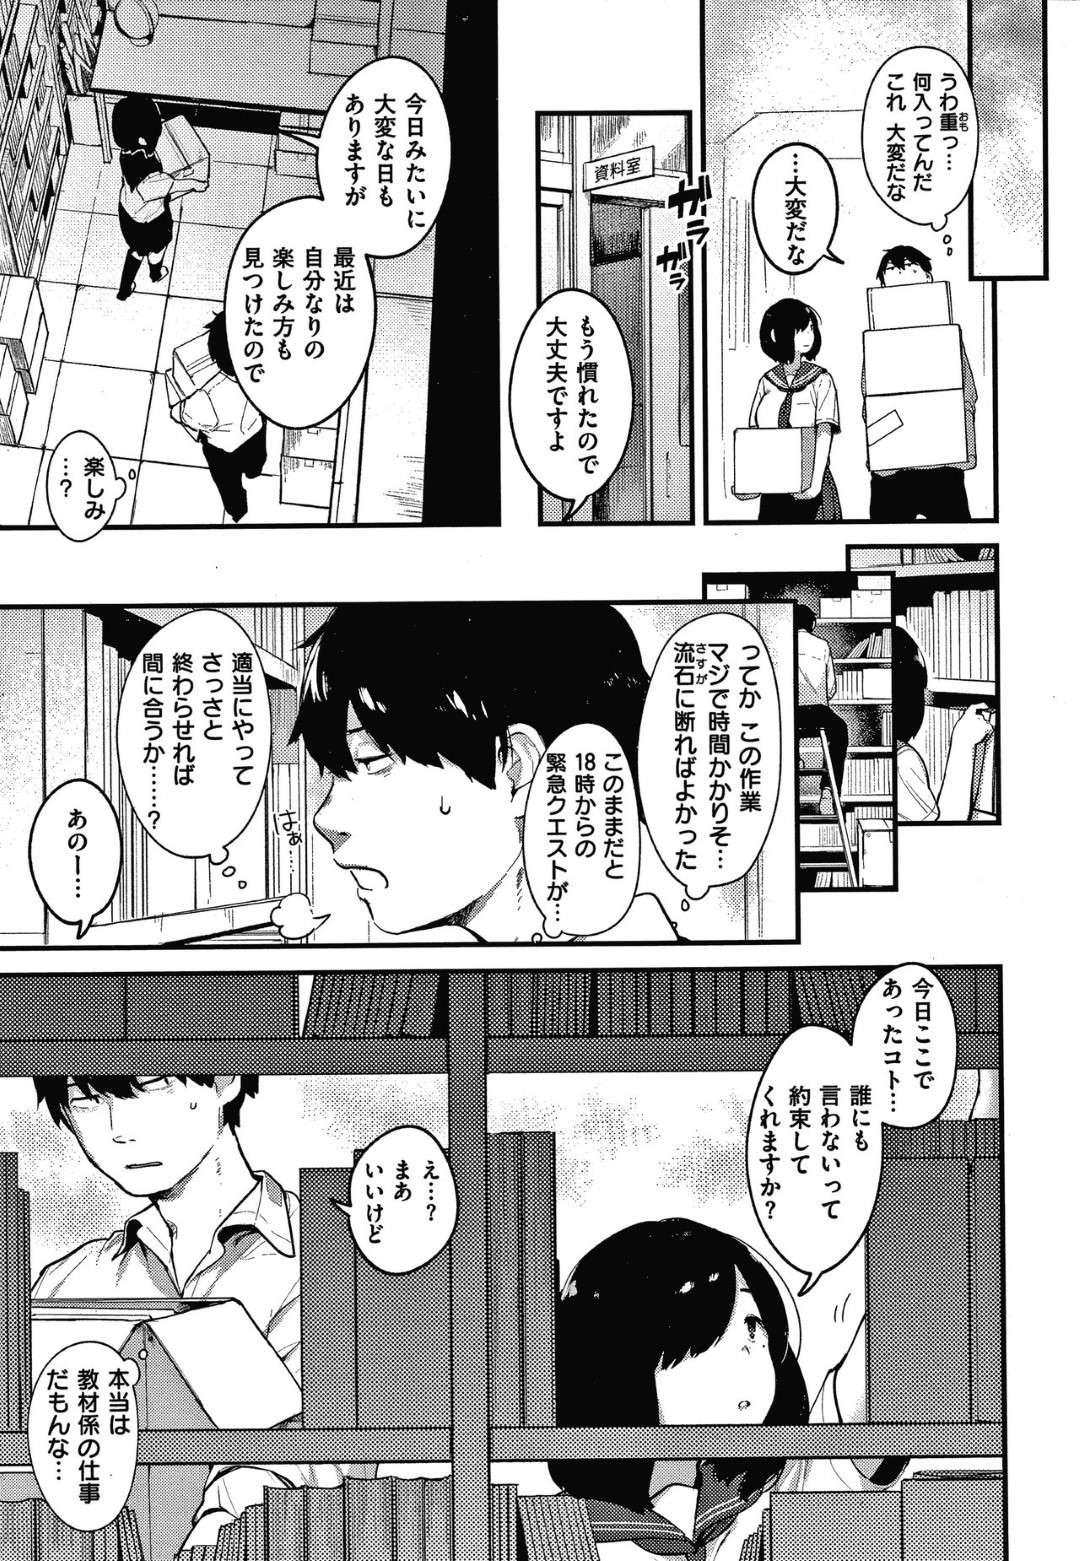 【エロ漫画】クラスメイトから雑用を押し付けられる巨乳地味系JK…雑用量が多いためクラスの地味系男子に声をかけて手伝ってもらうことに!【楝蛙】